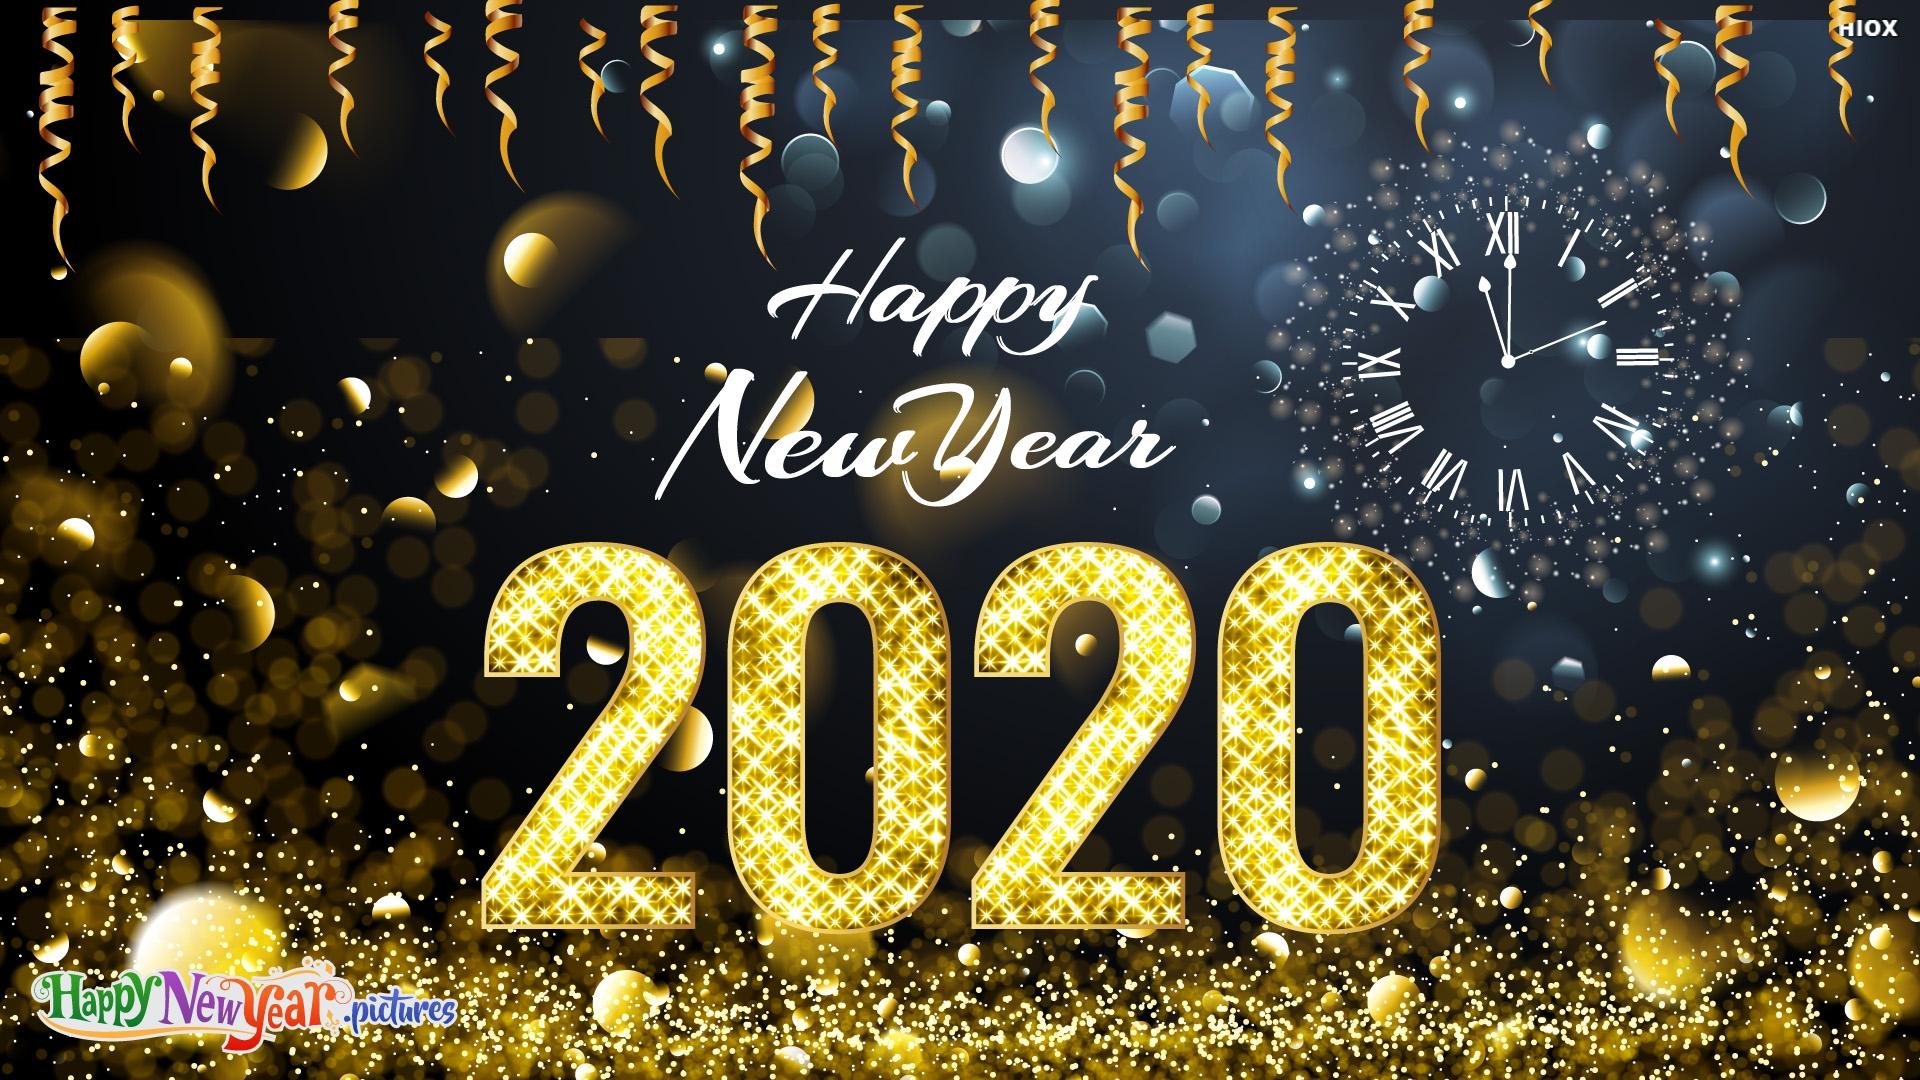 Happy New Year 2020 My Dears